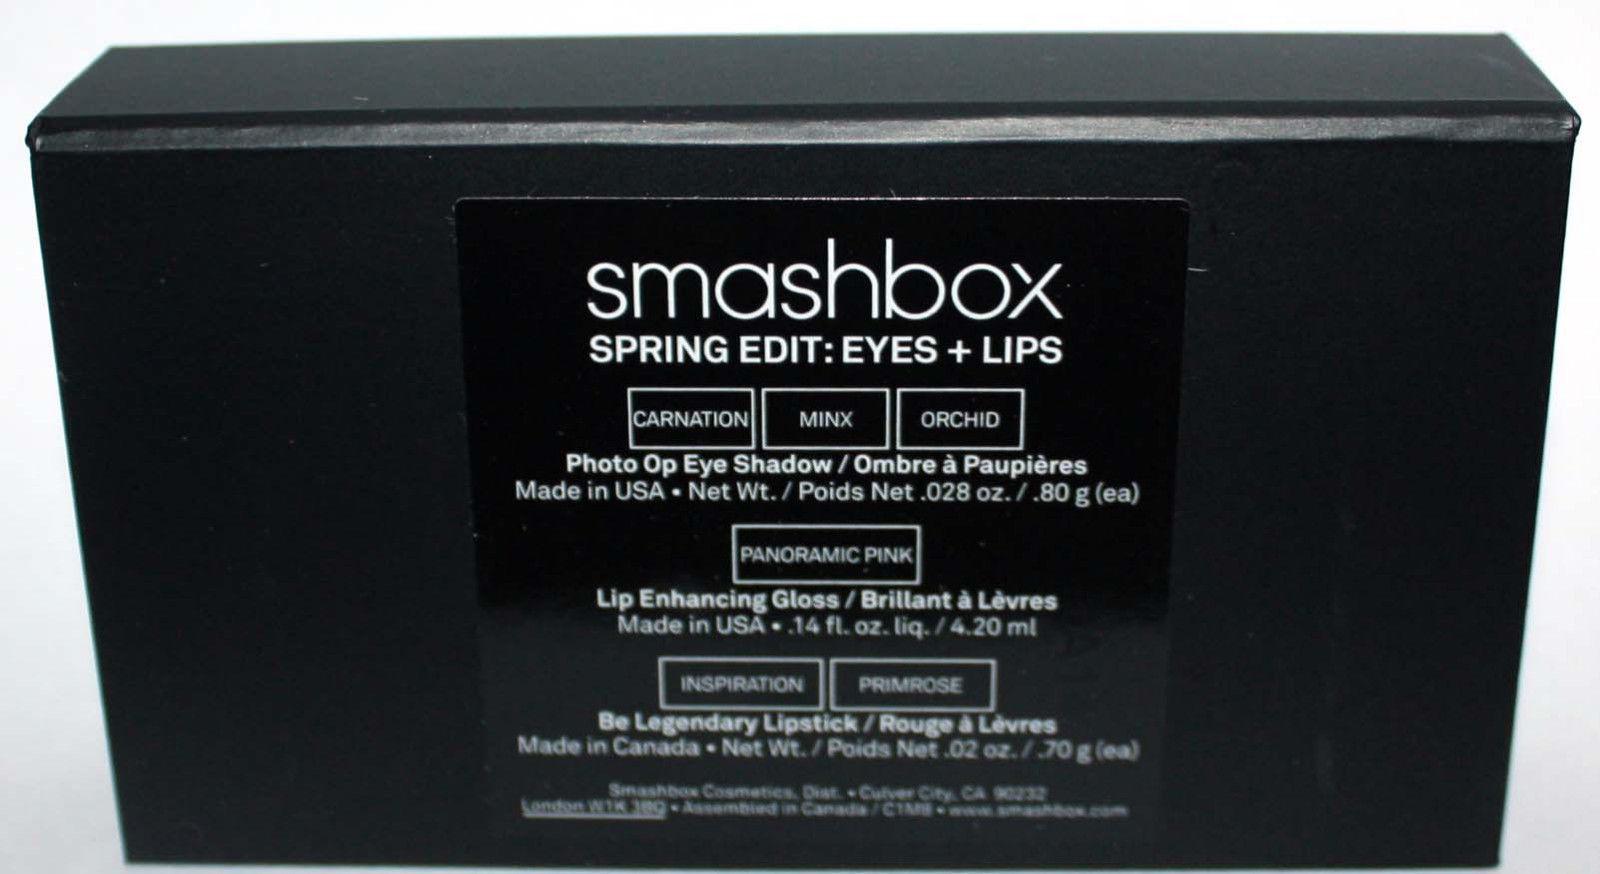 Info on bottom of packaging